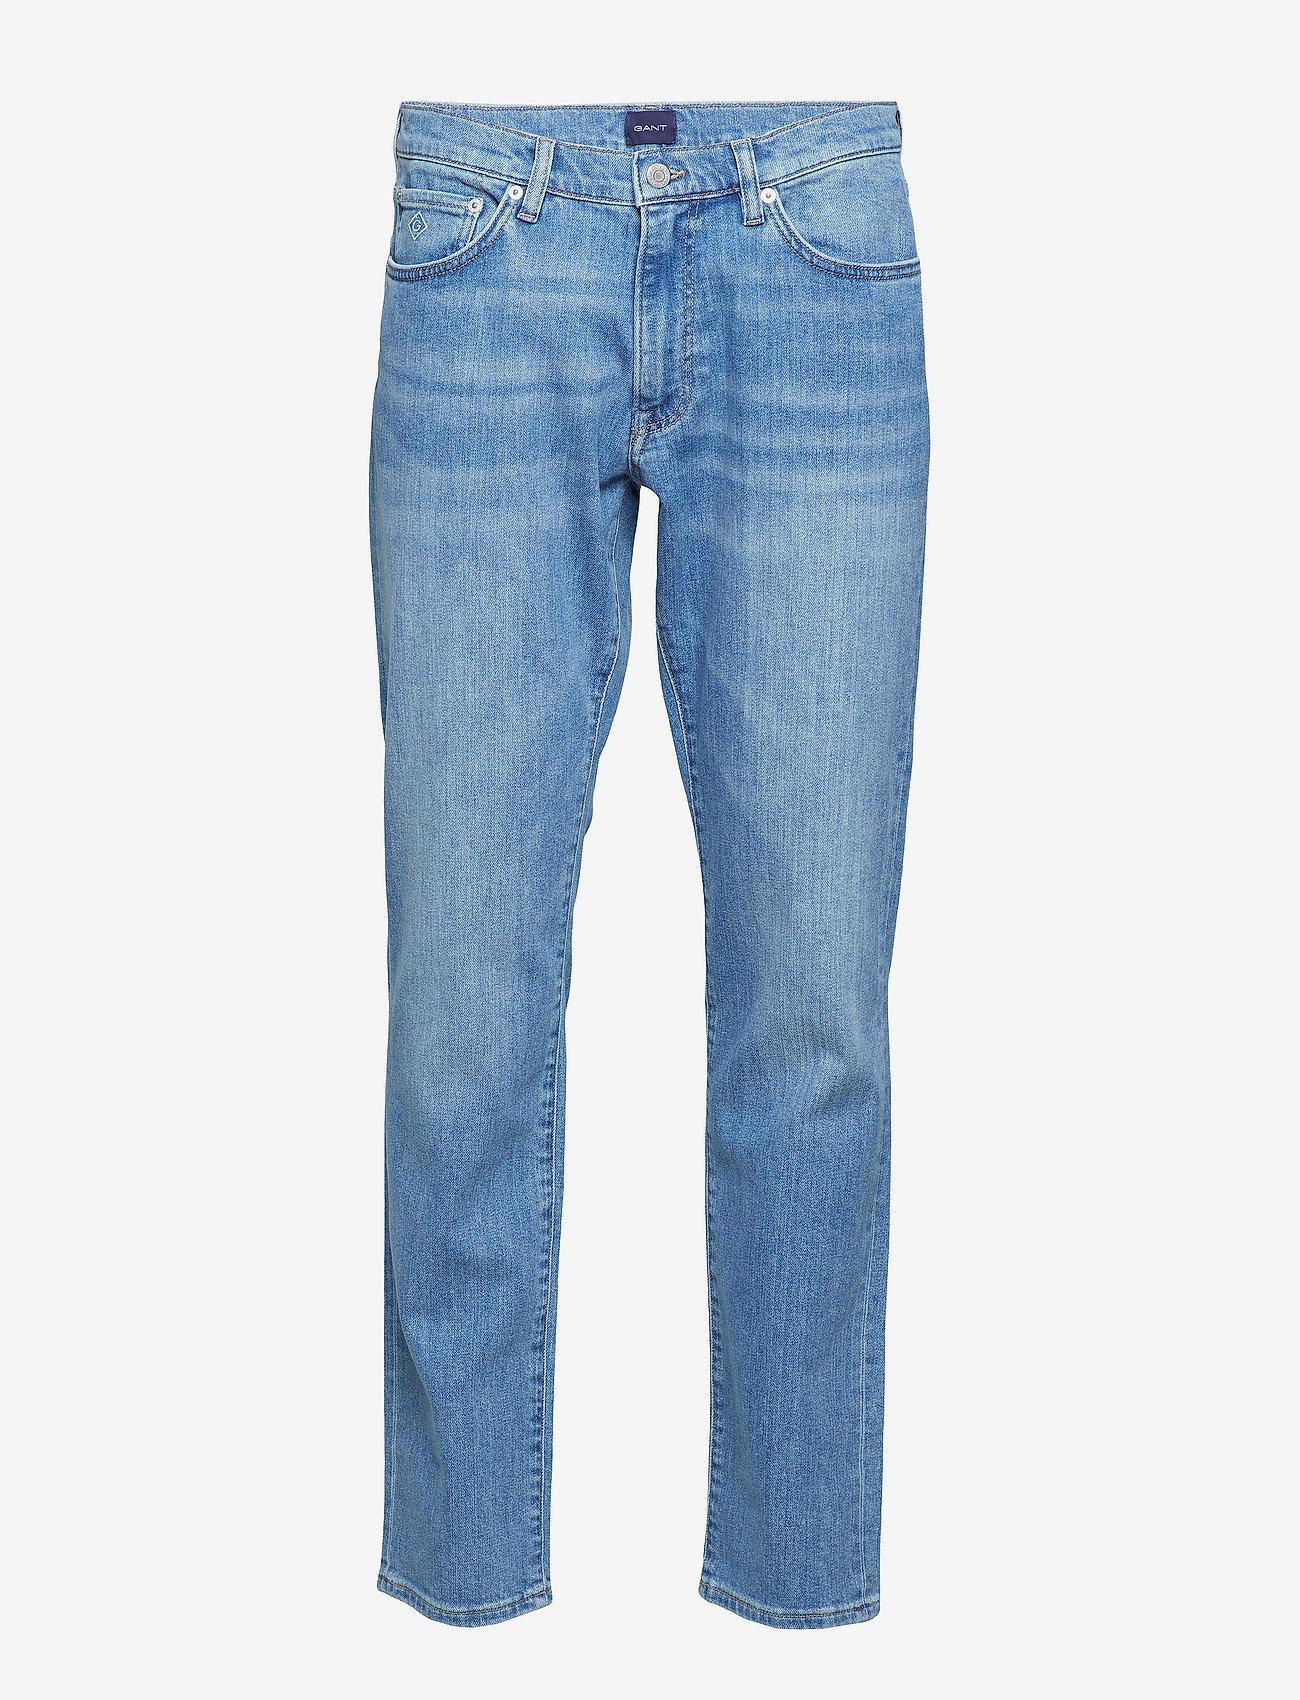 Gant - SLIM GANT JEANS - slim jeans - light blue worn in